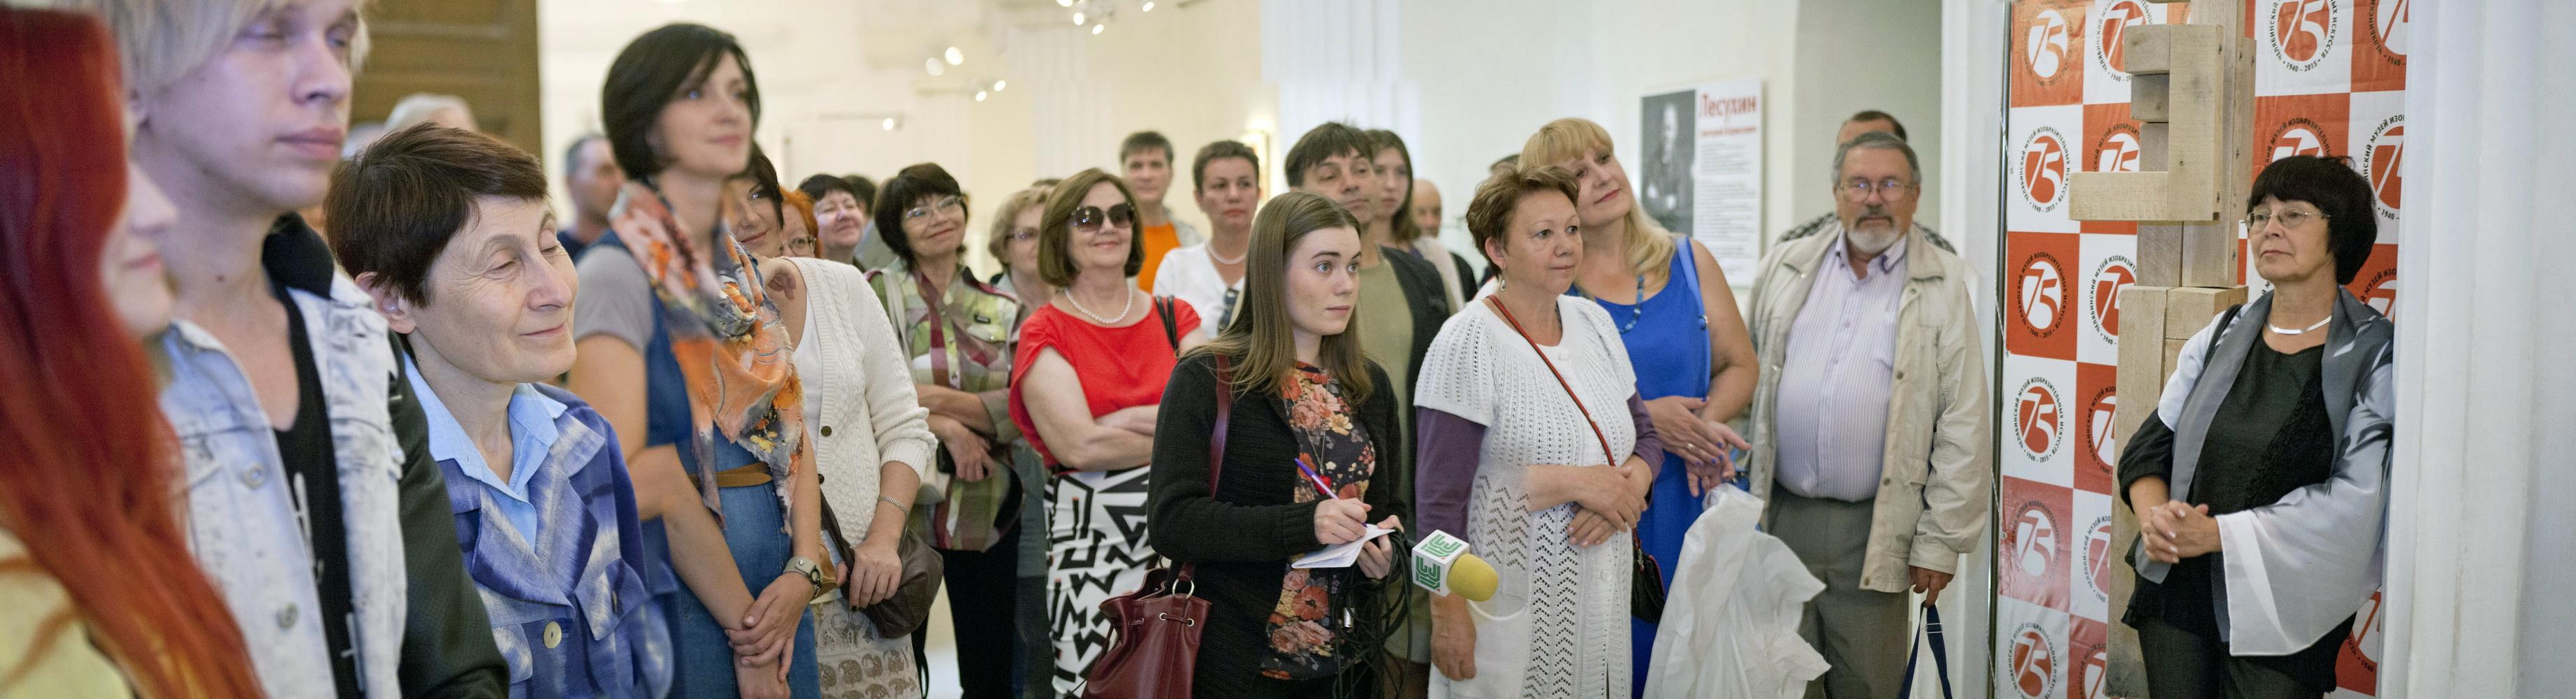 Выставка в Челябинском музее искусств (06.08.2015)